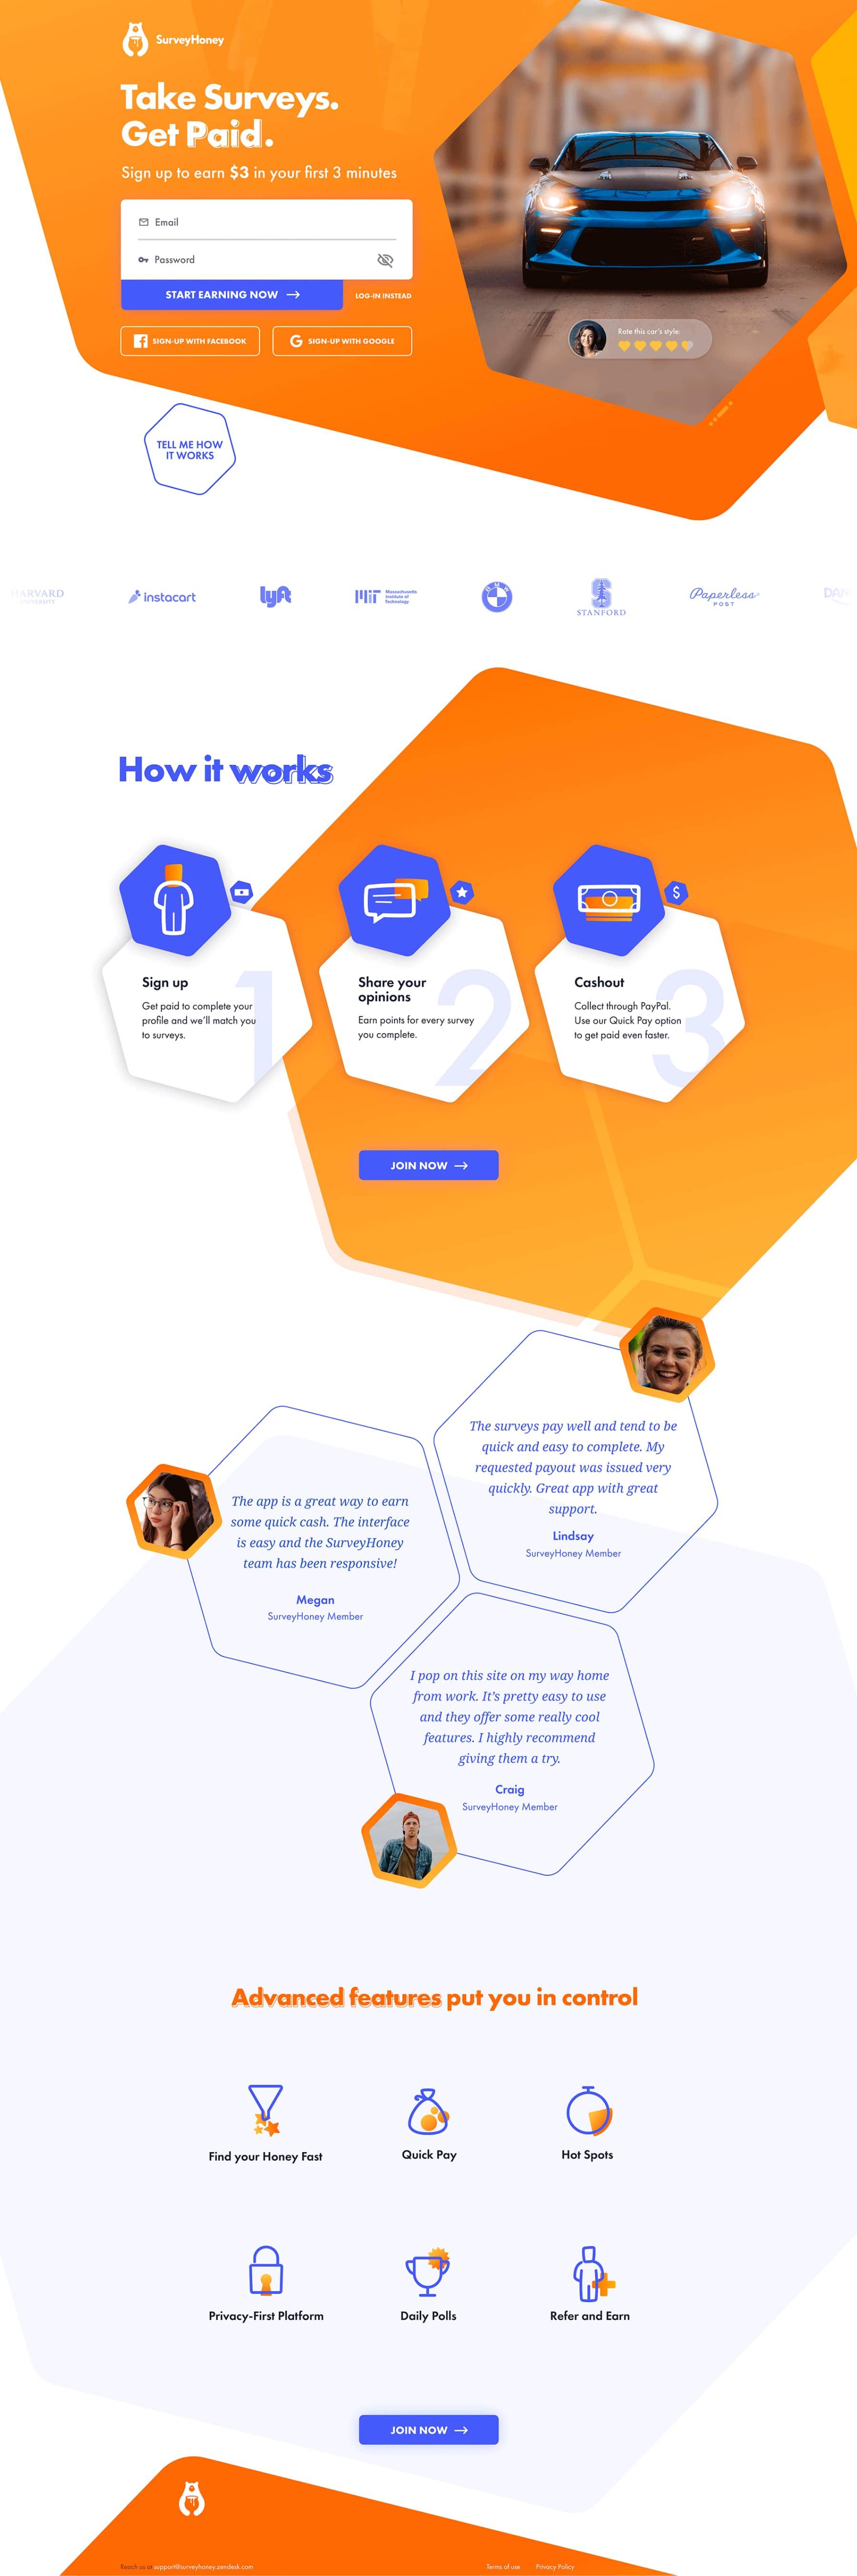 Diseño web de la landing page de SurveyHoney por El Patio Webflow Studio.